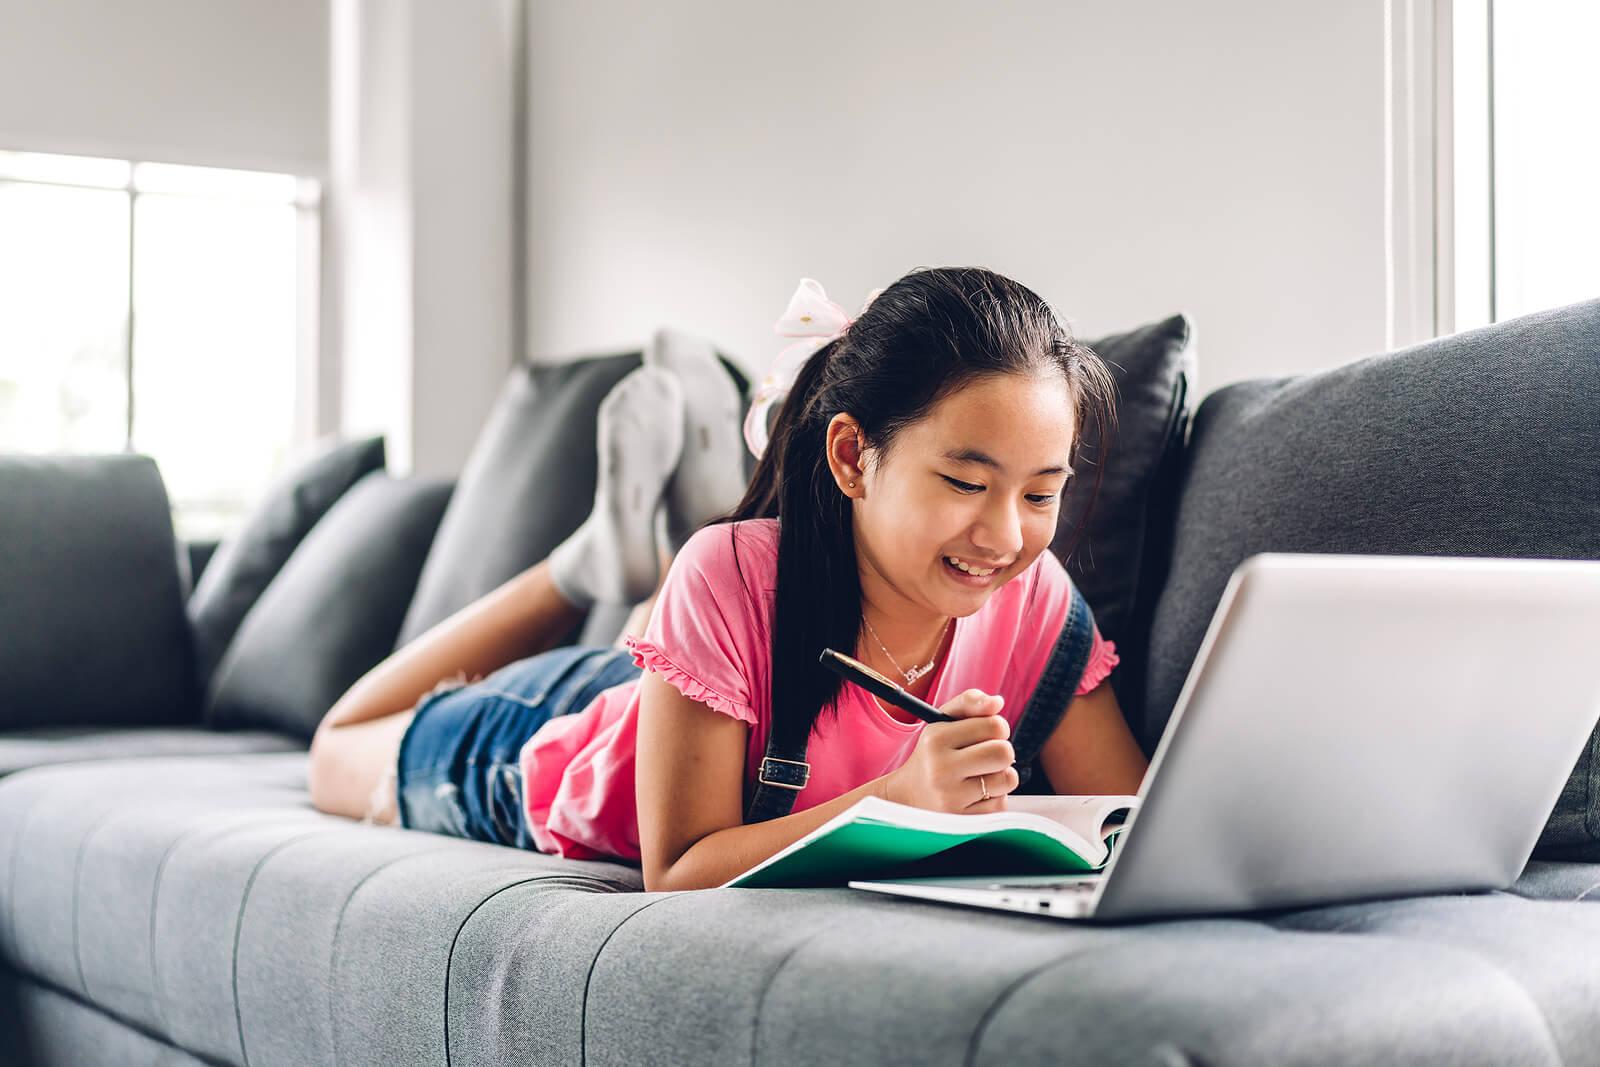 Chica estudiando en el sofá aplicando las técnicas de autorregulación del aprendizaje.